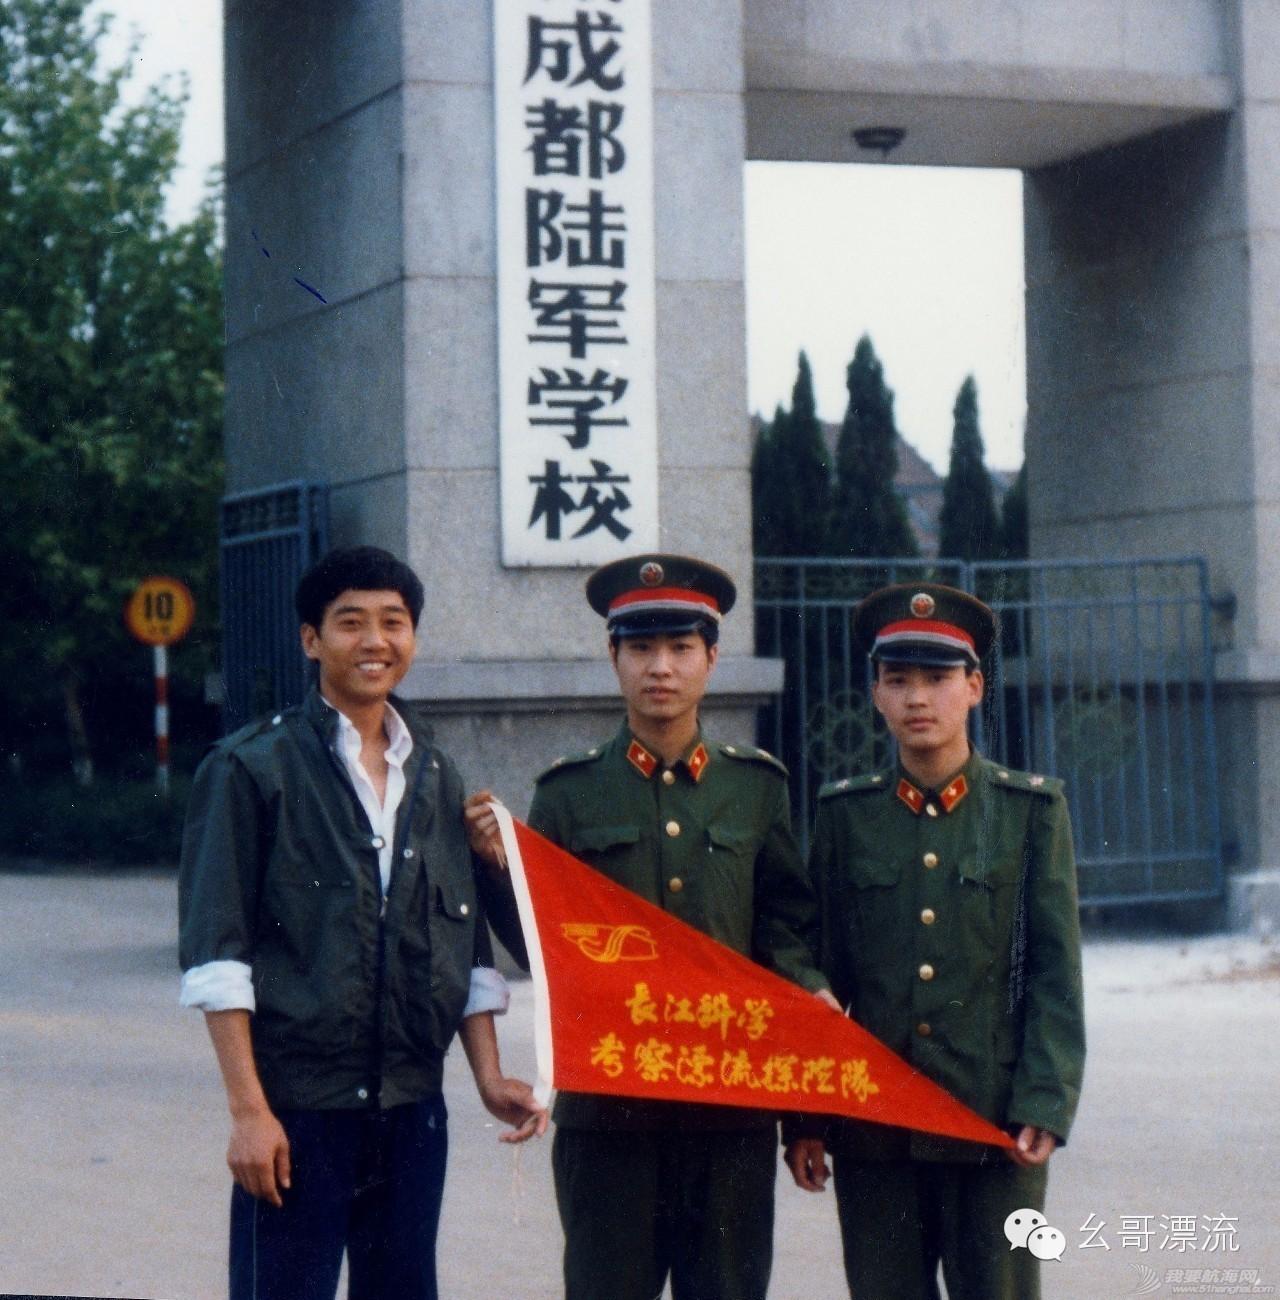 1986年长江漂流发起及经过 2d2d9534b4cc4b11d93257a7f2166607.jpg